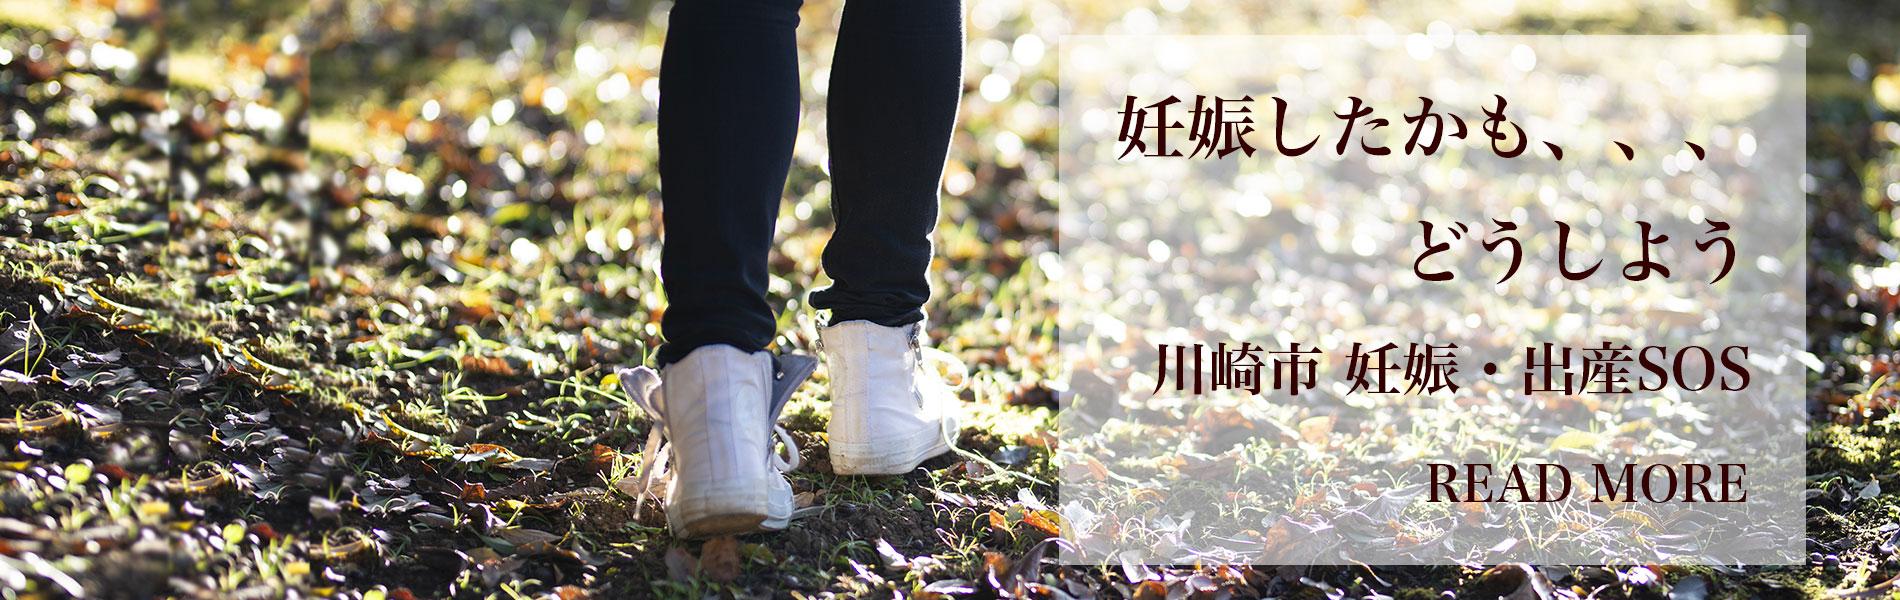 妊娠したかも、、、どうしよう  川崎市 妊娠・出産SOS